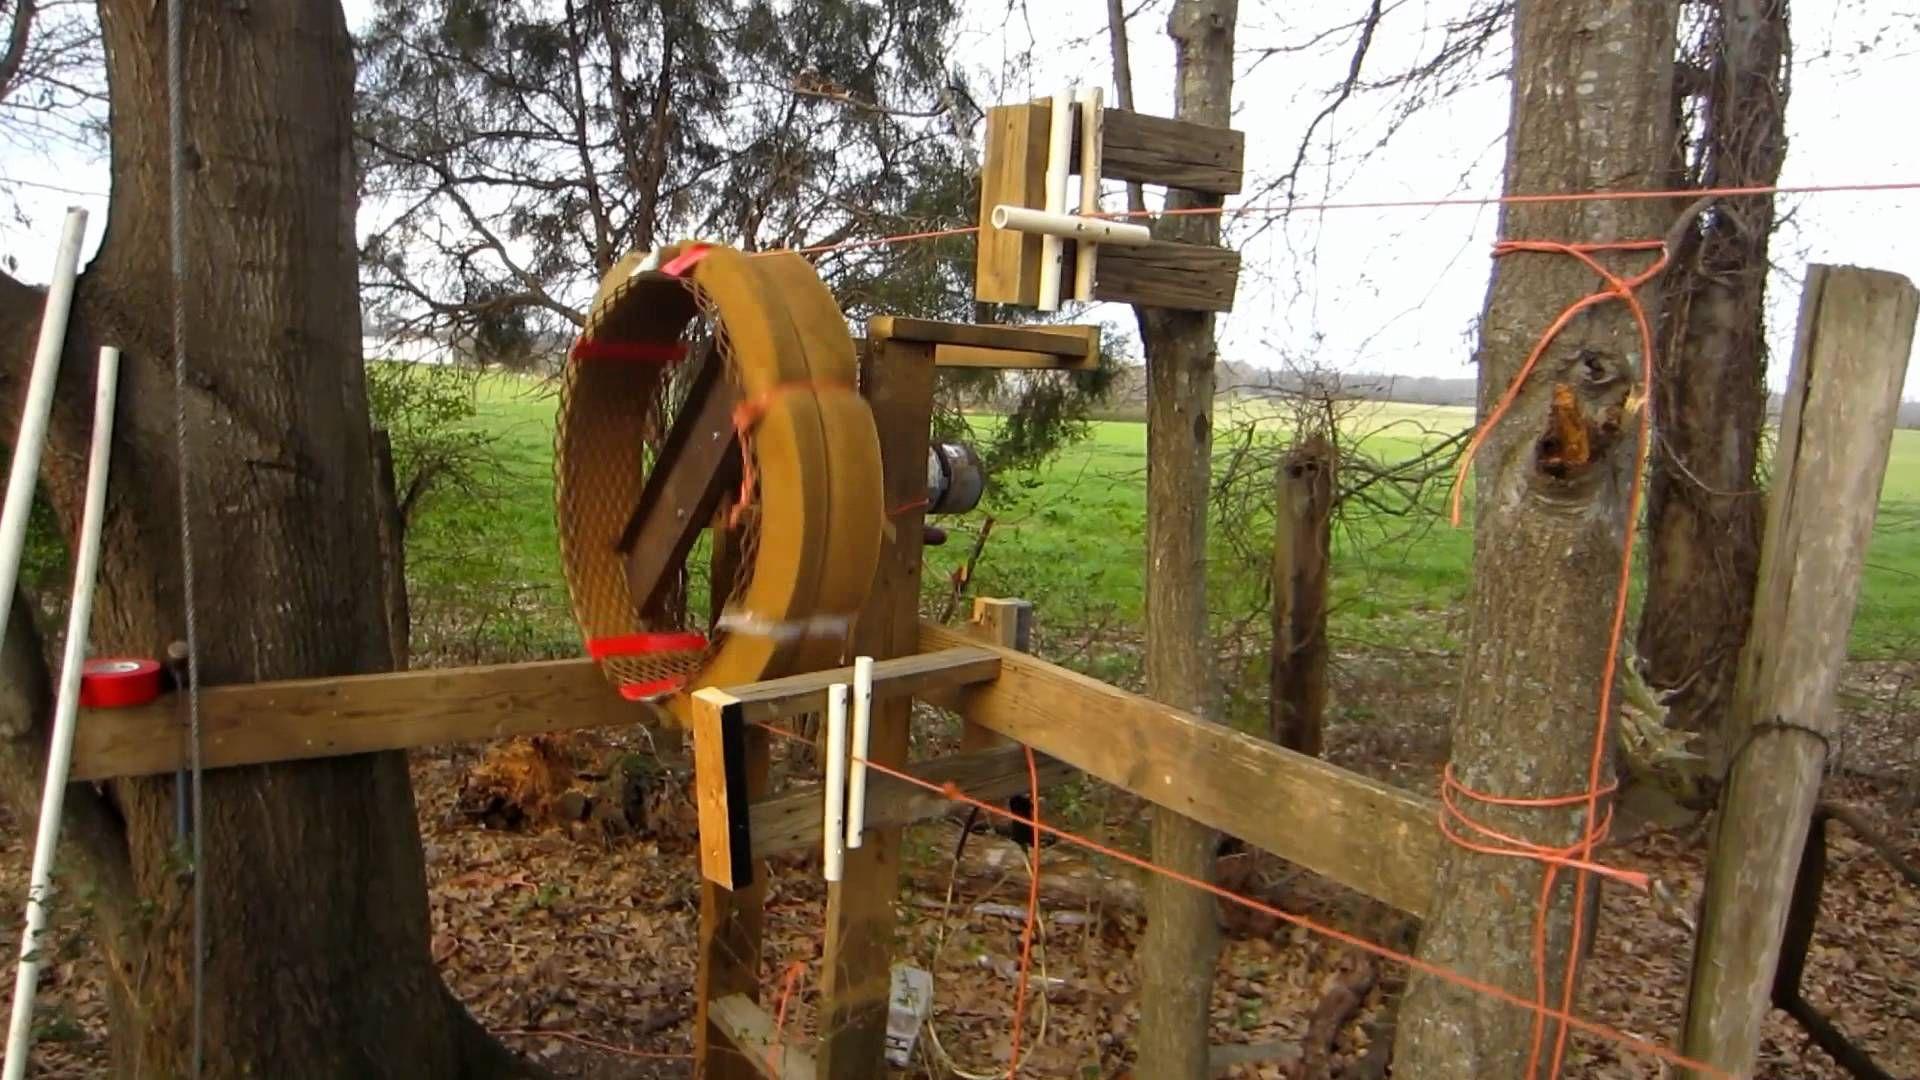 My 500 Foot Long Zipline - How to Build a DIY Zipline ...